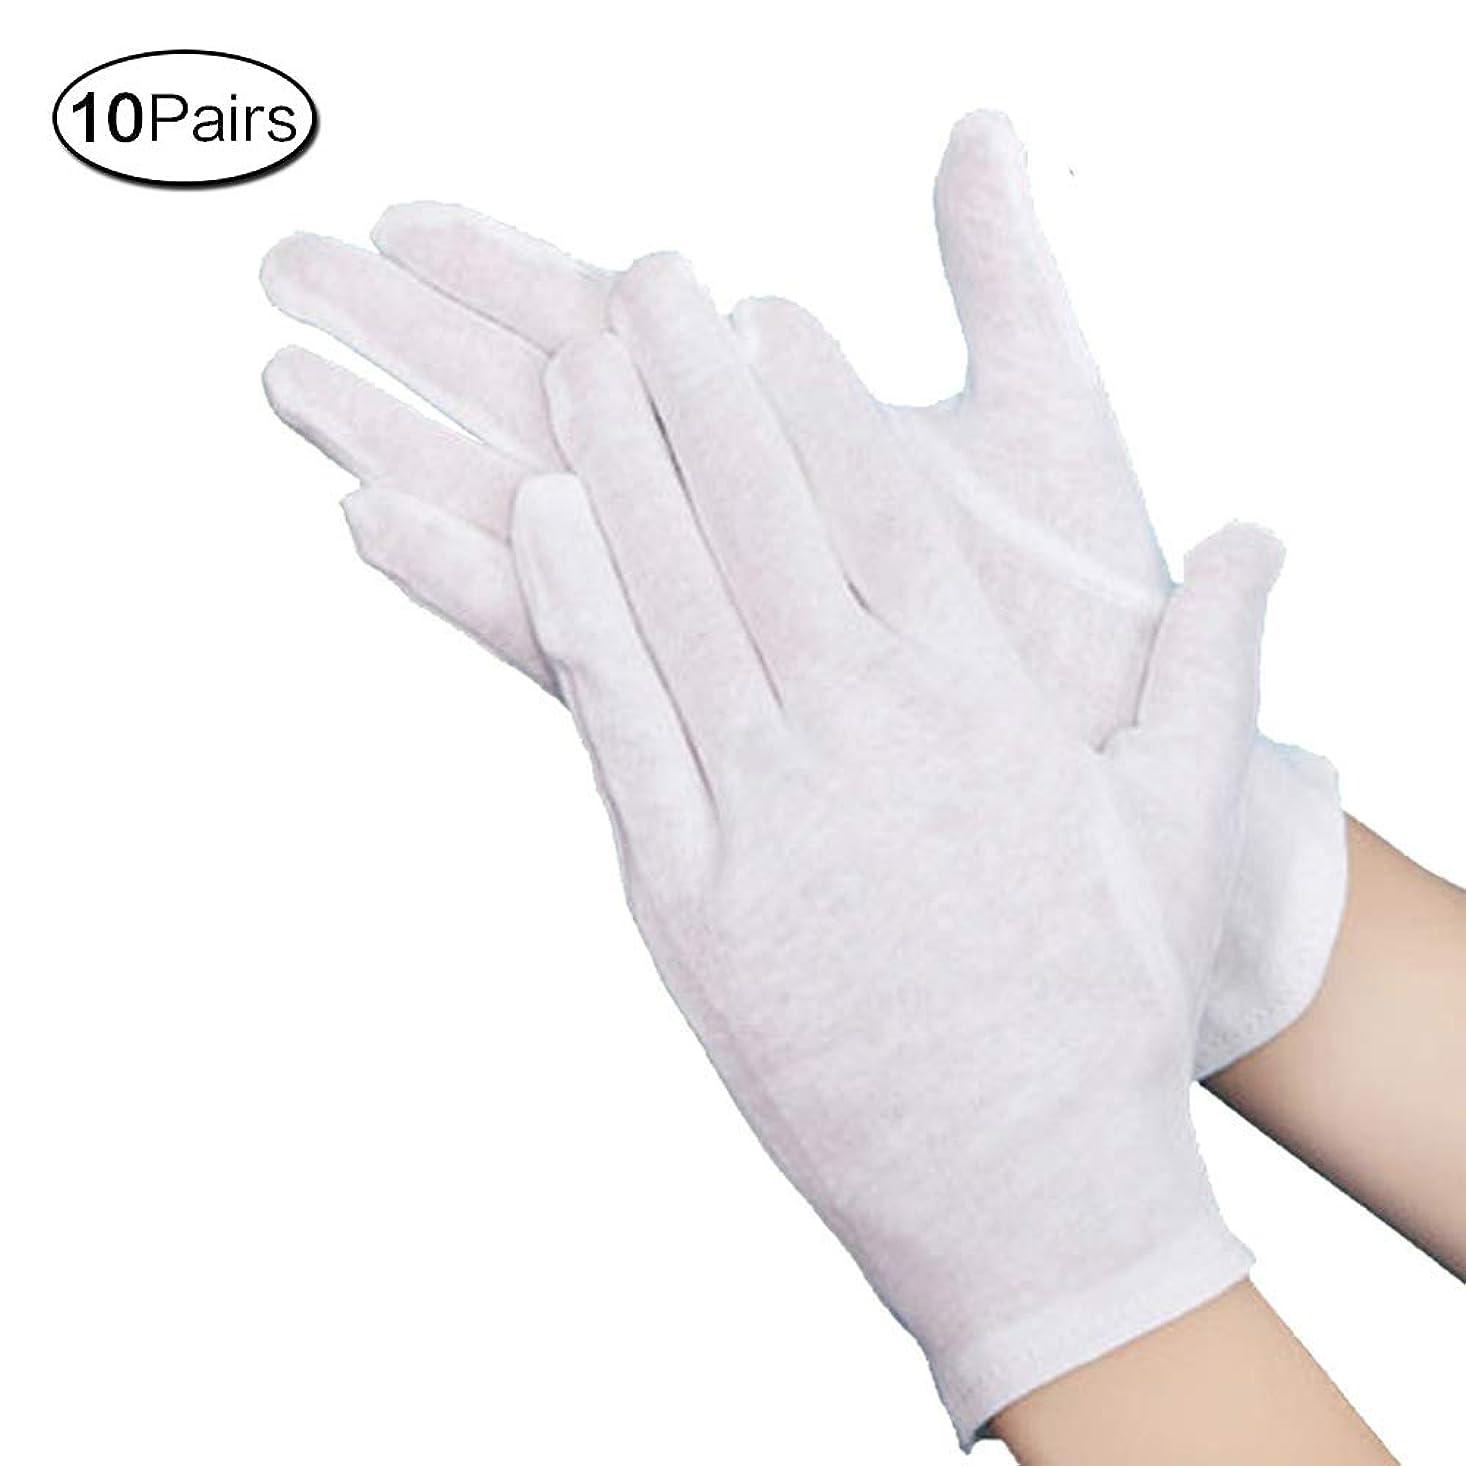 不利メルボルン新聞綿手袋 純綿100% 通気性 コットン手袋 10双組 M